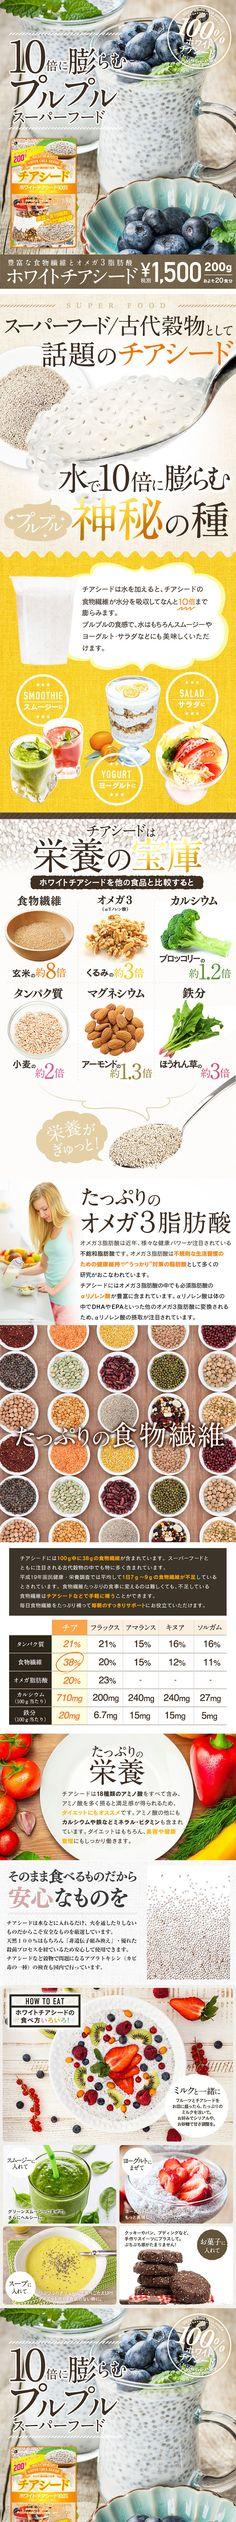 ????????? (Ingredients Design) Graphic Design Brochure, Landing Page Design, Japanese Design, Web Design Inspiration, Food Menu, Shopping Web, Web Japan, Layout, Website